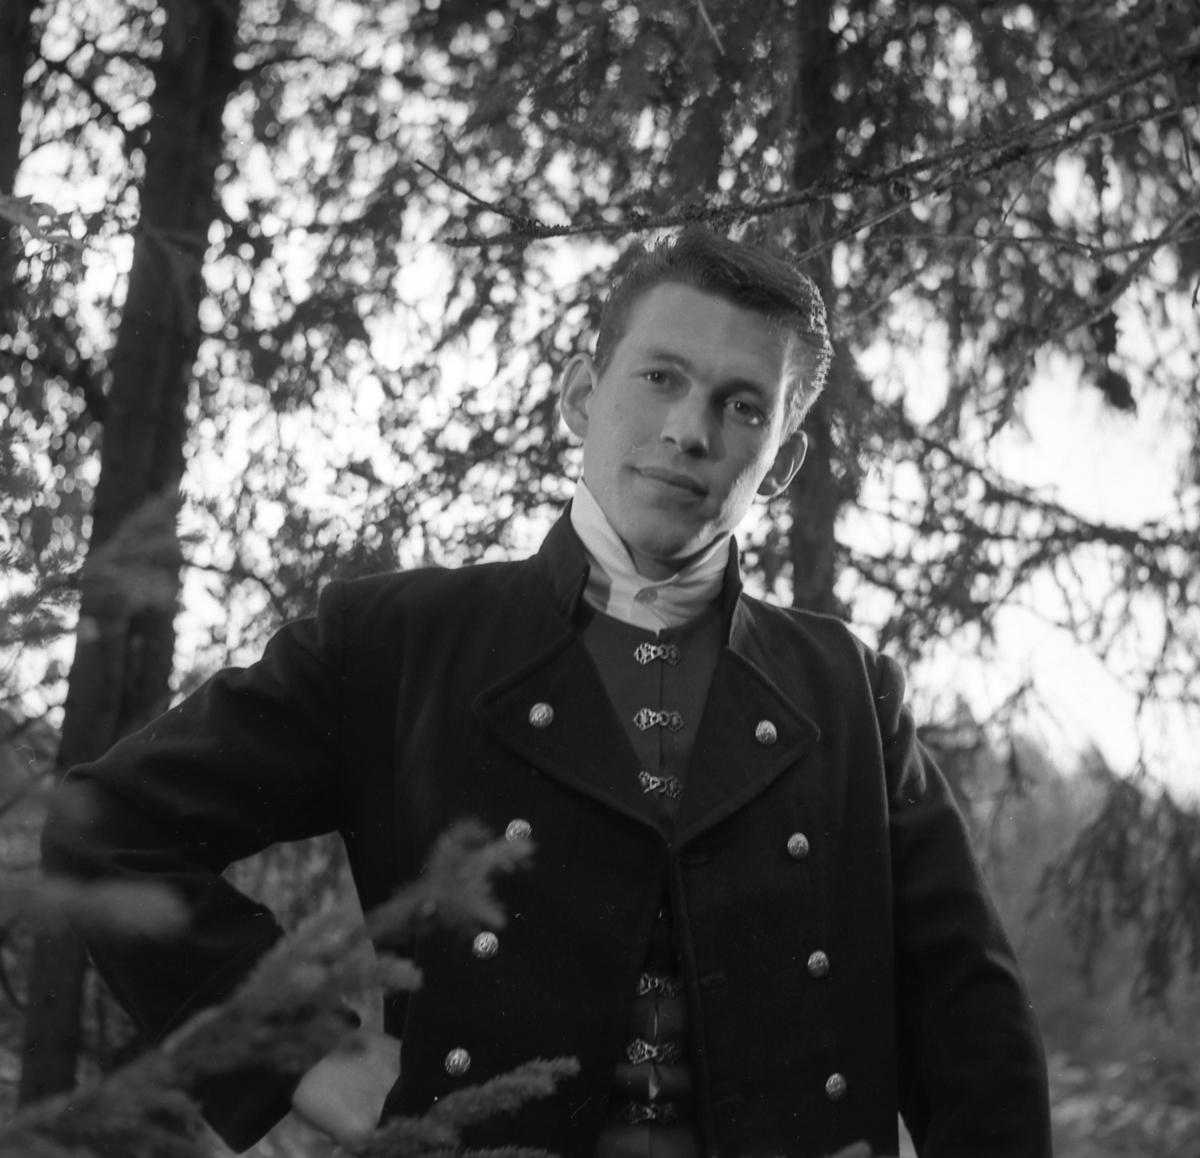 Arve Granlund